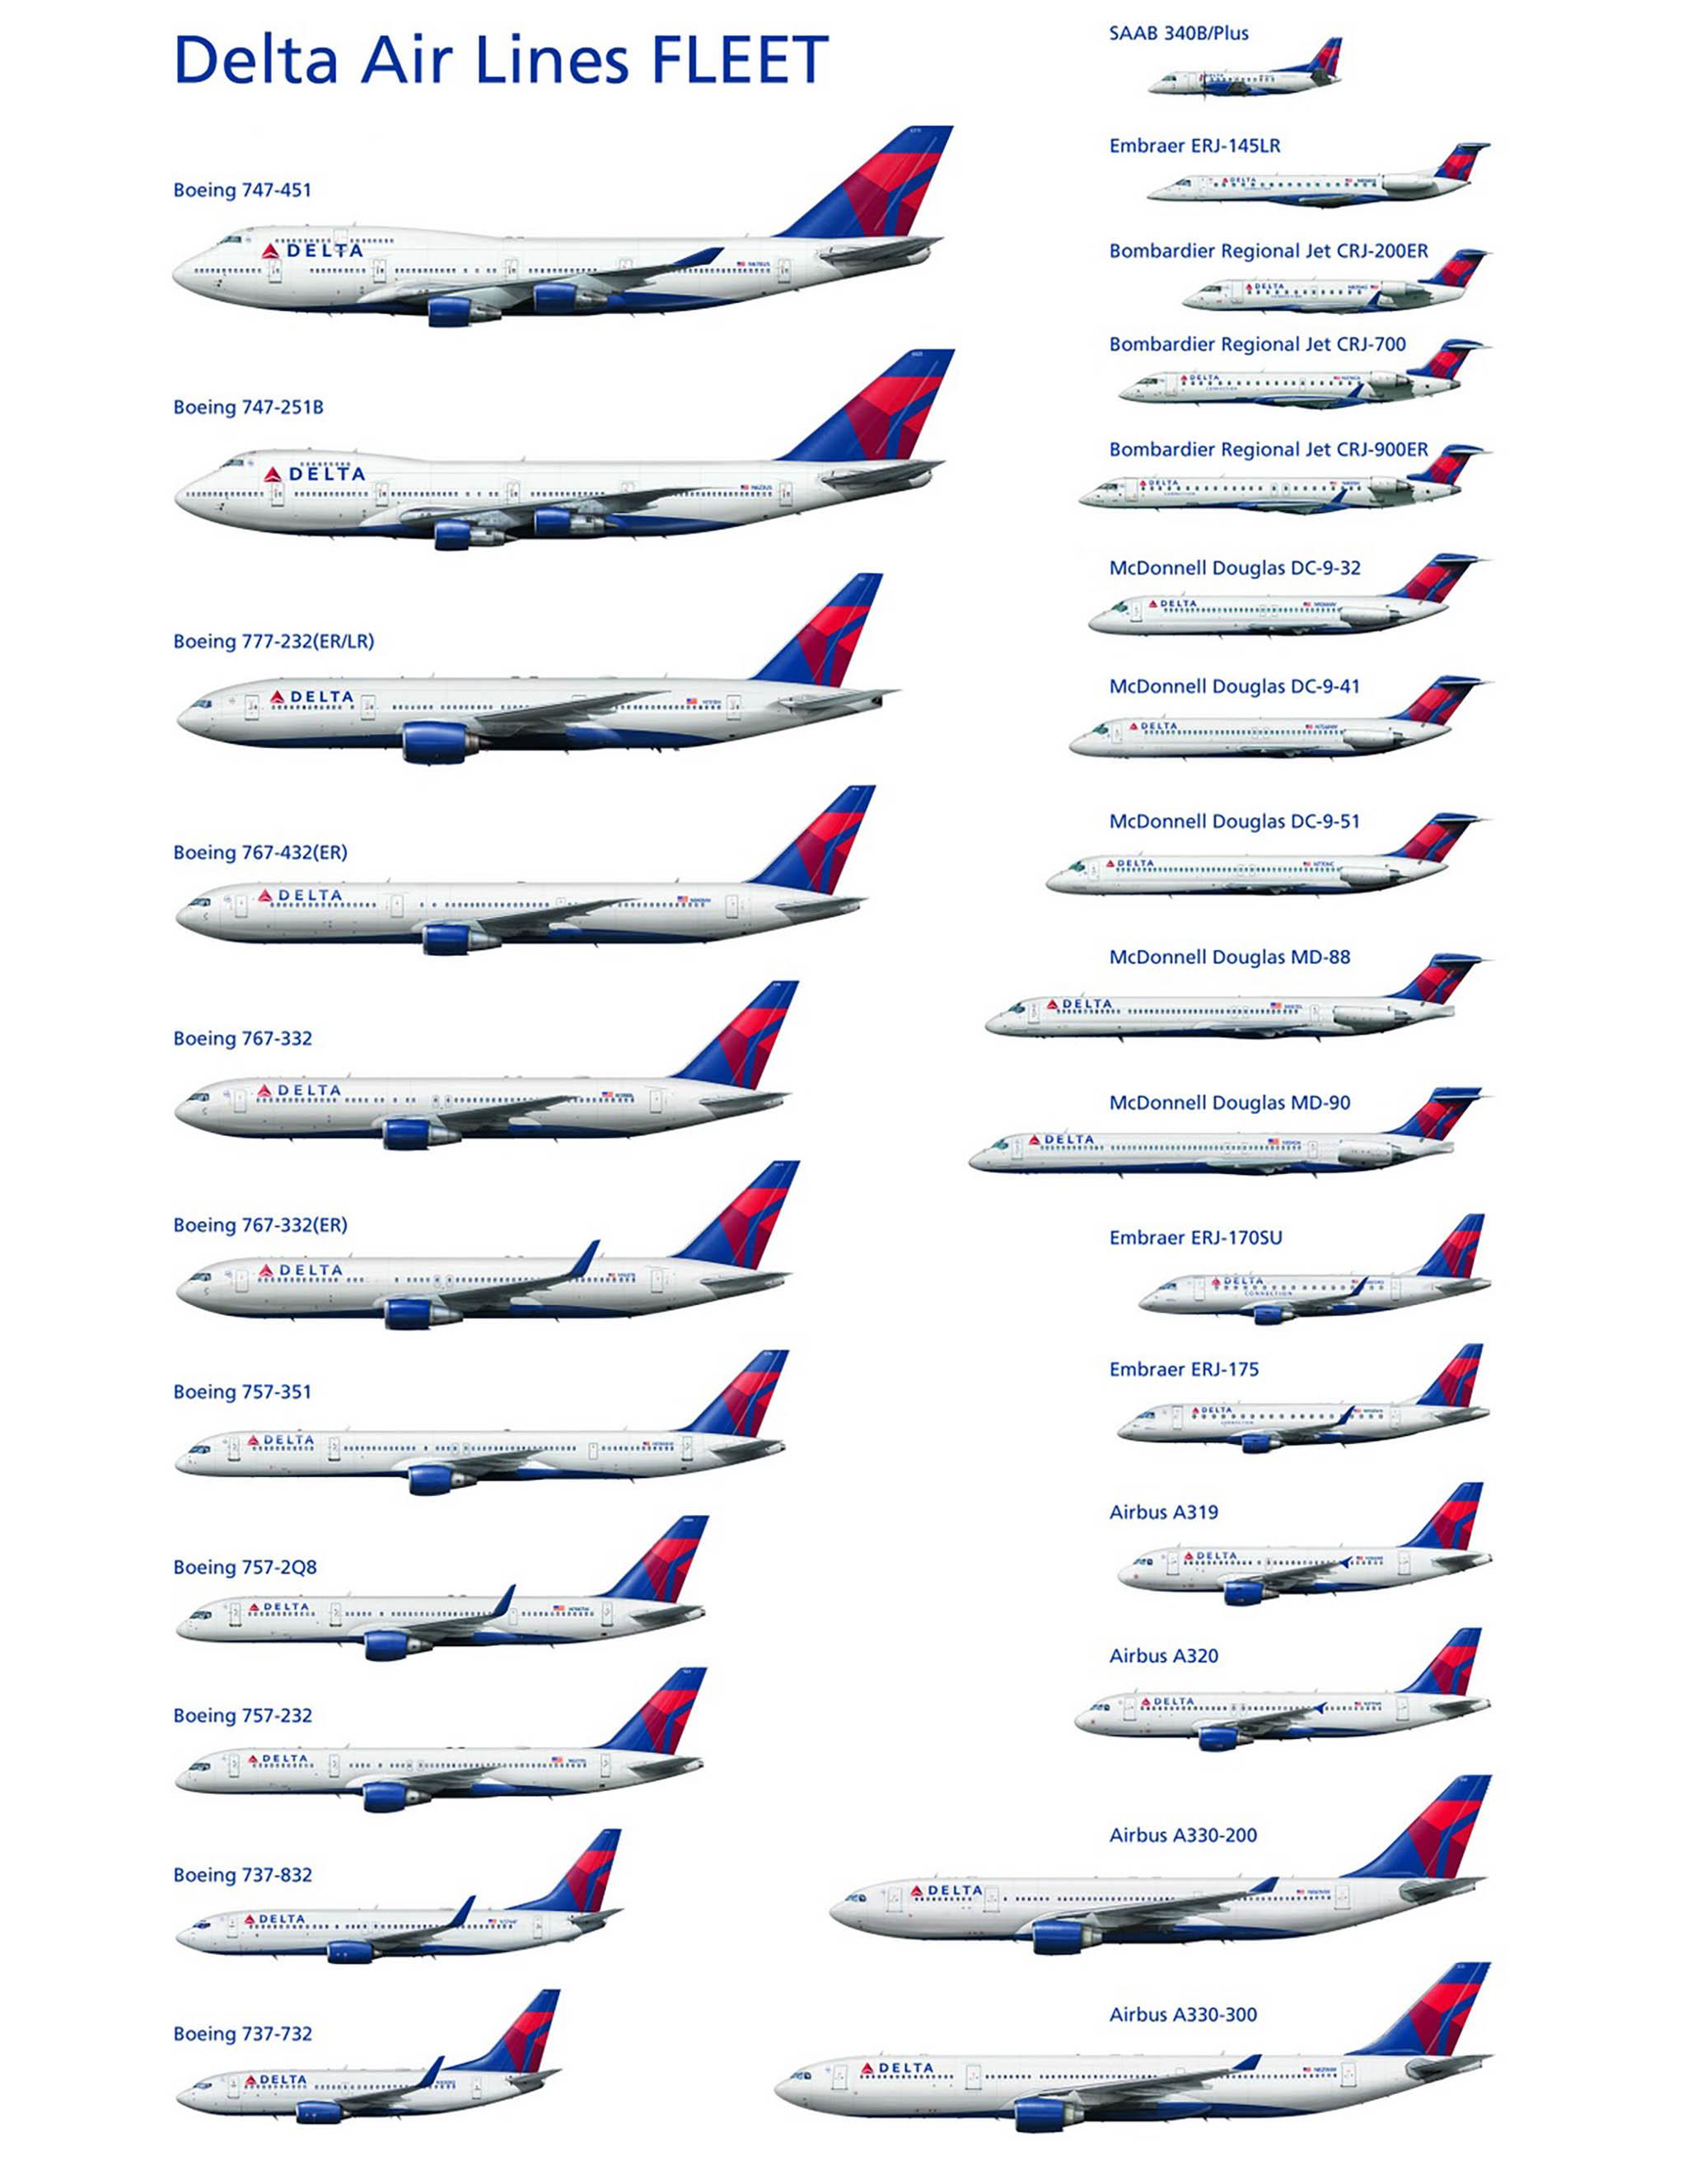 Delta Air Lines Fleet.jpg